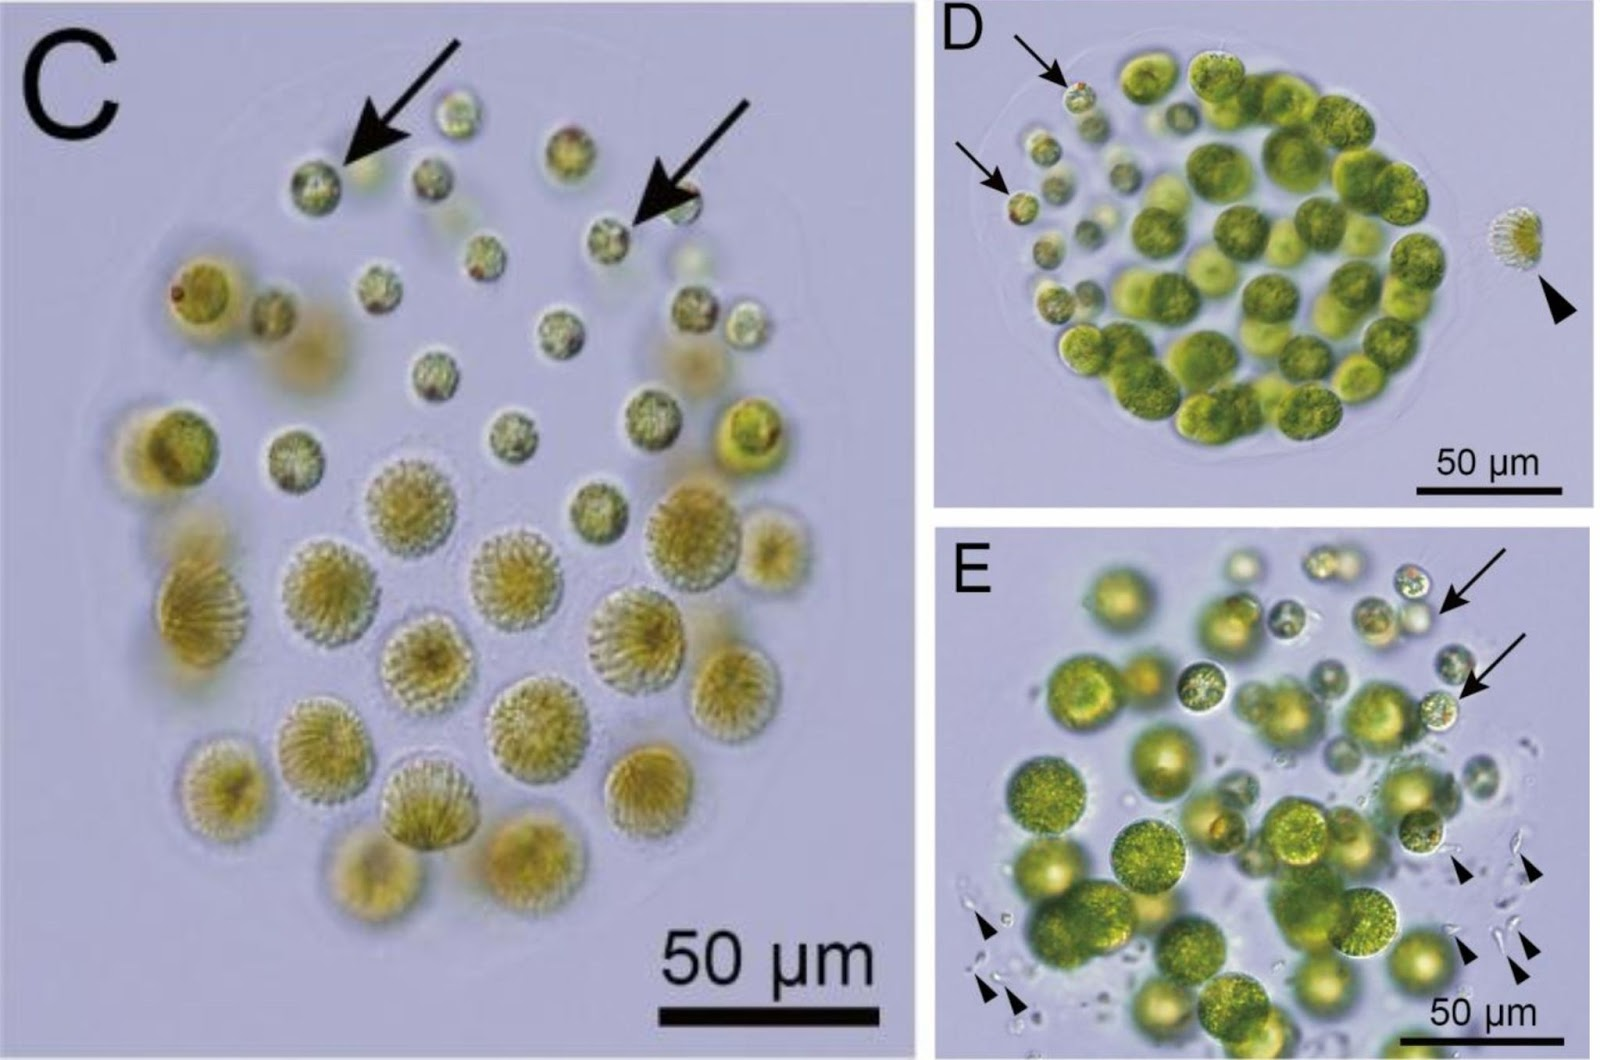 С — мужская колония водорослей. D — женская колония и приближающаяся к ней мужская клетка. E — женская колония с гермафродитами.